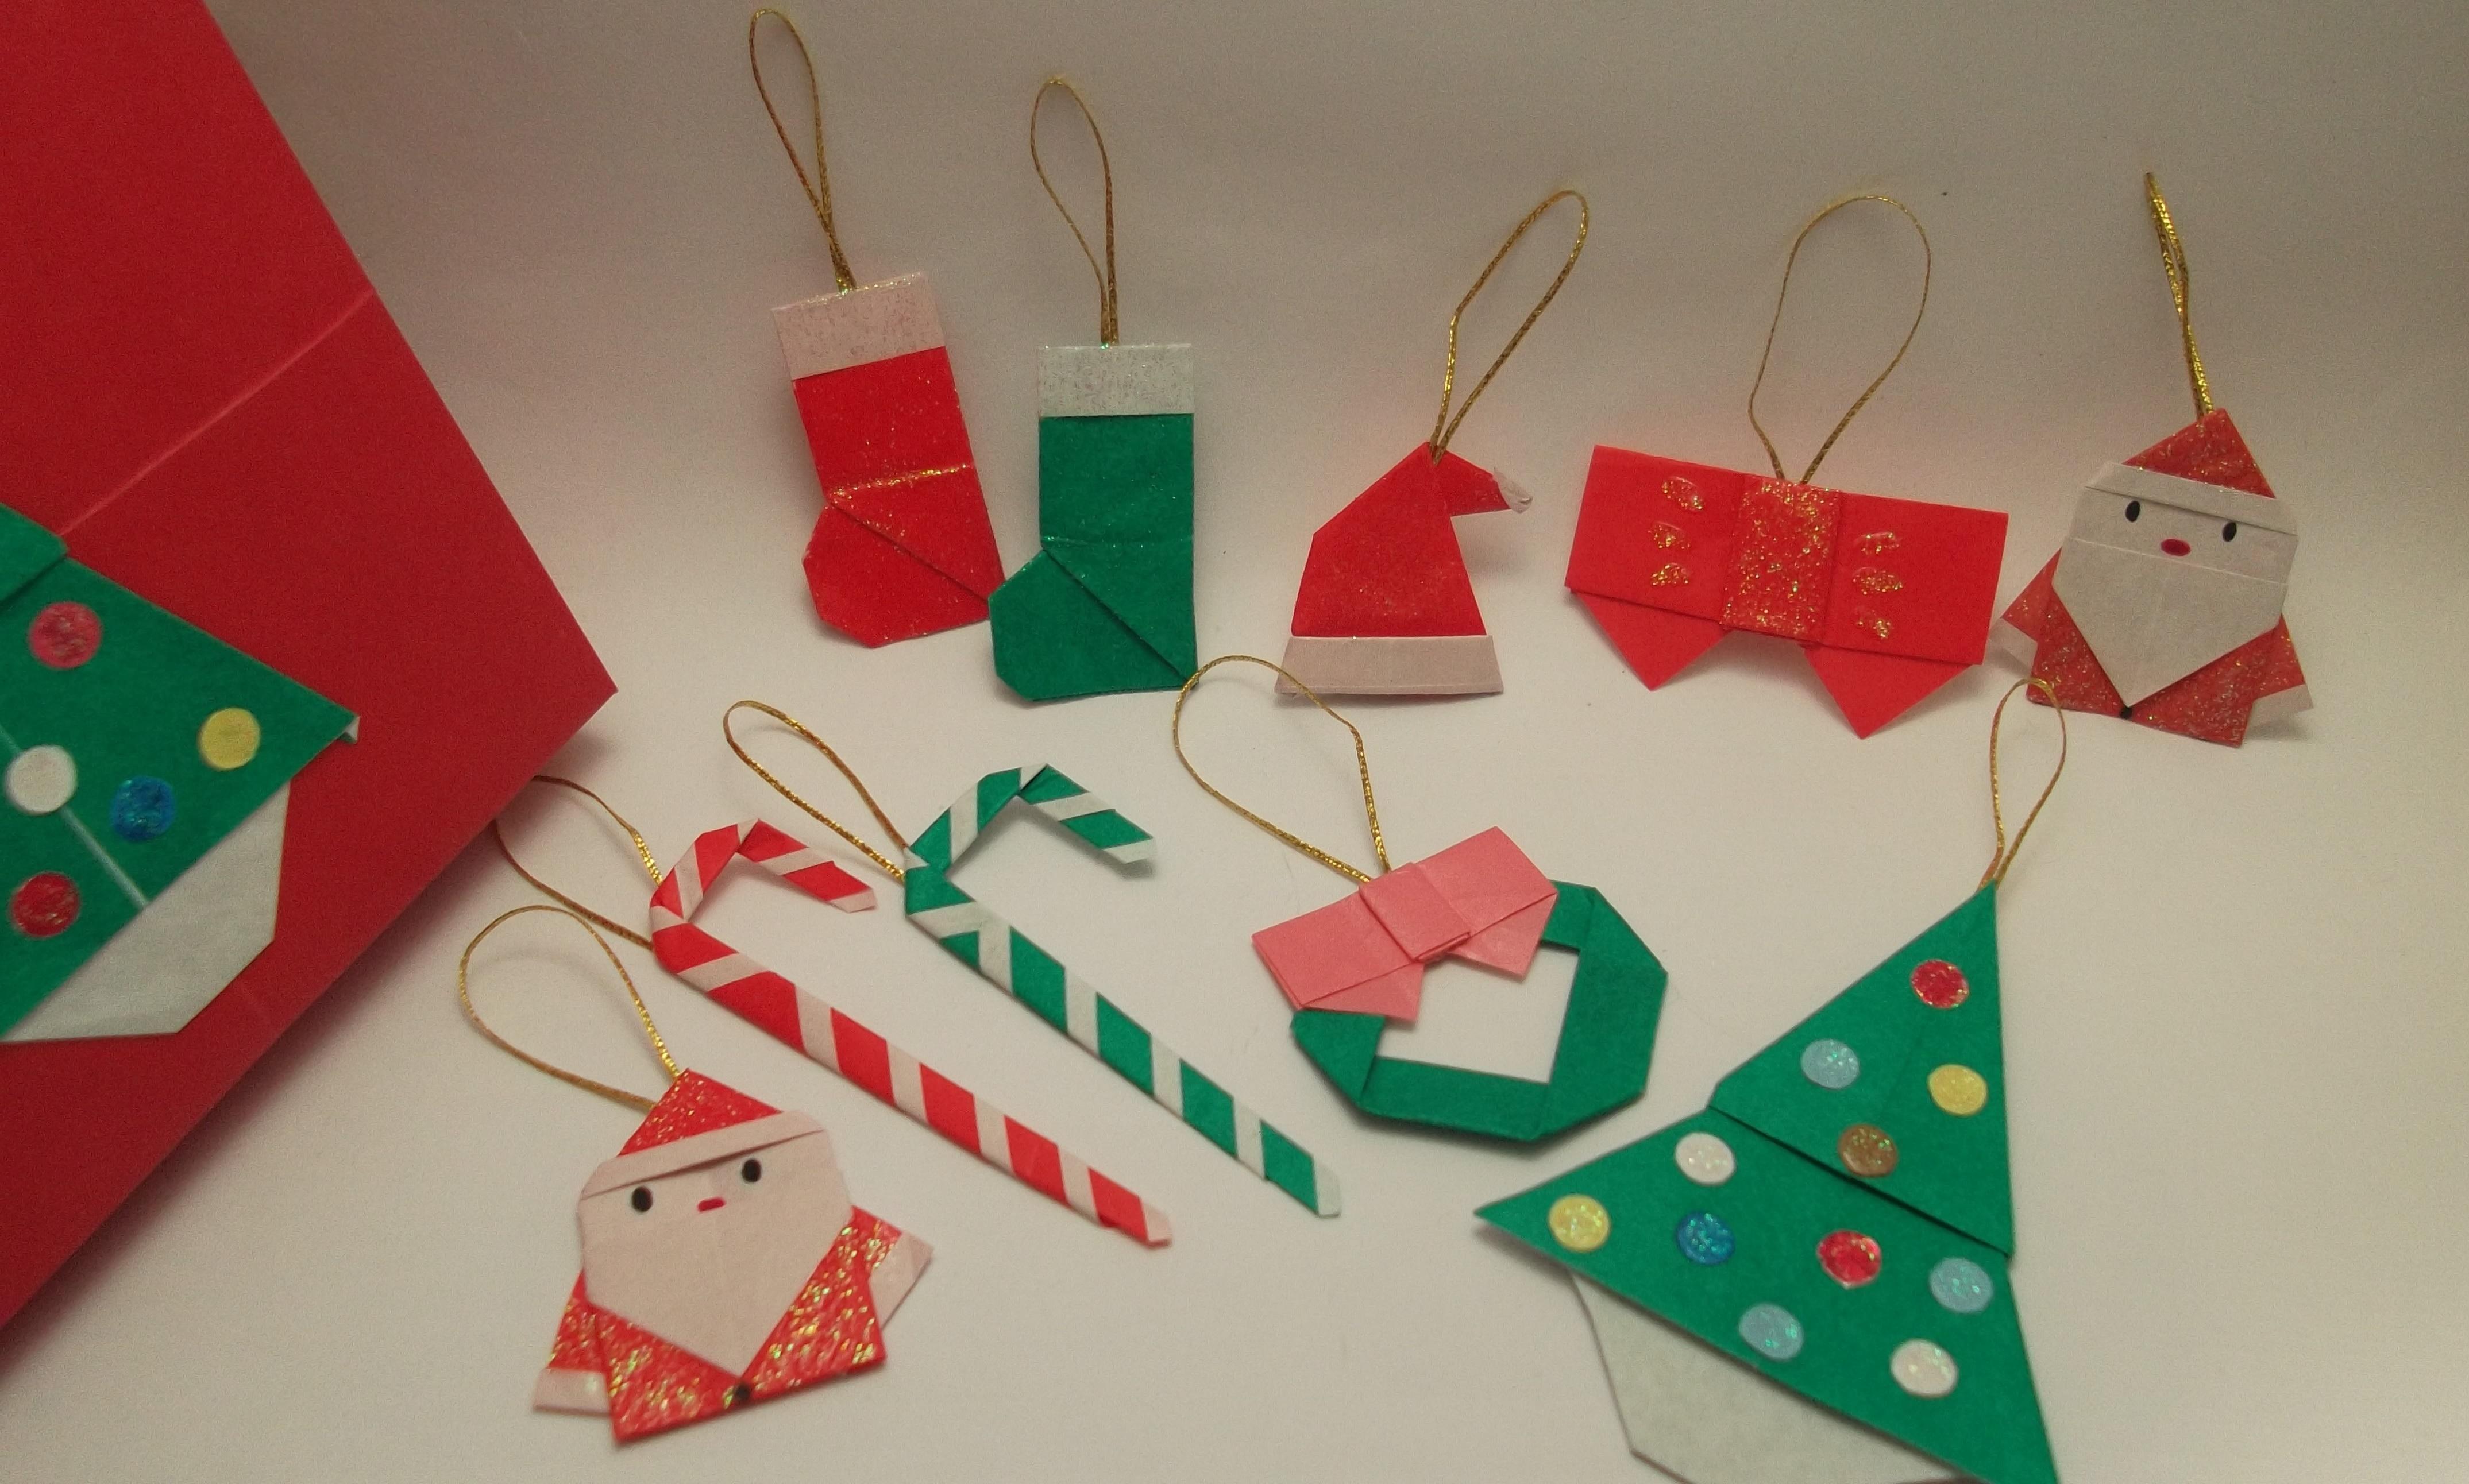 enfeites de natal para jardim passo a passo : enfeites de natal para jardim passo a passo:de natal kit enfeites de natal de origami origami kit enfeites de